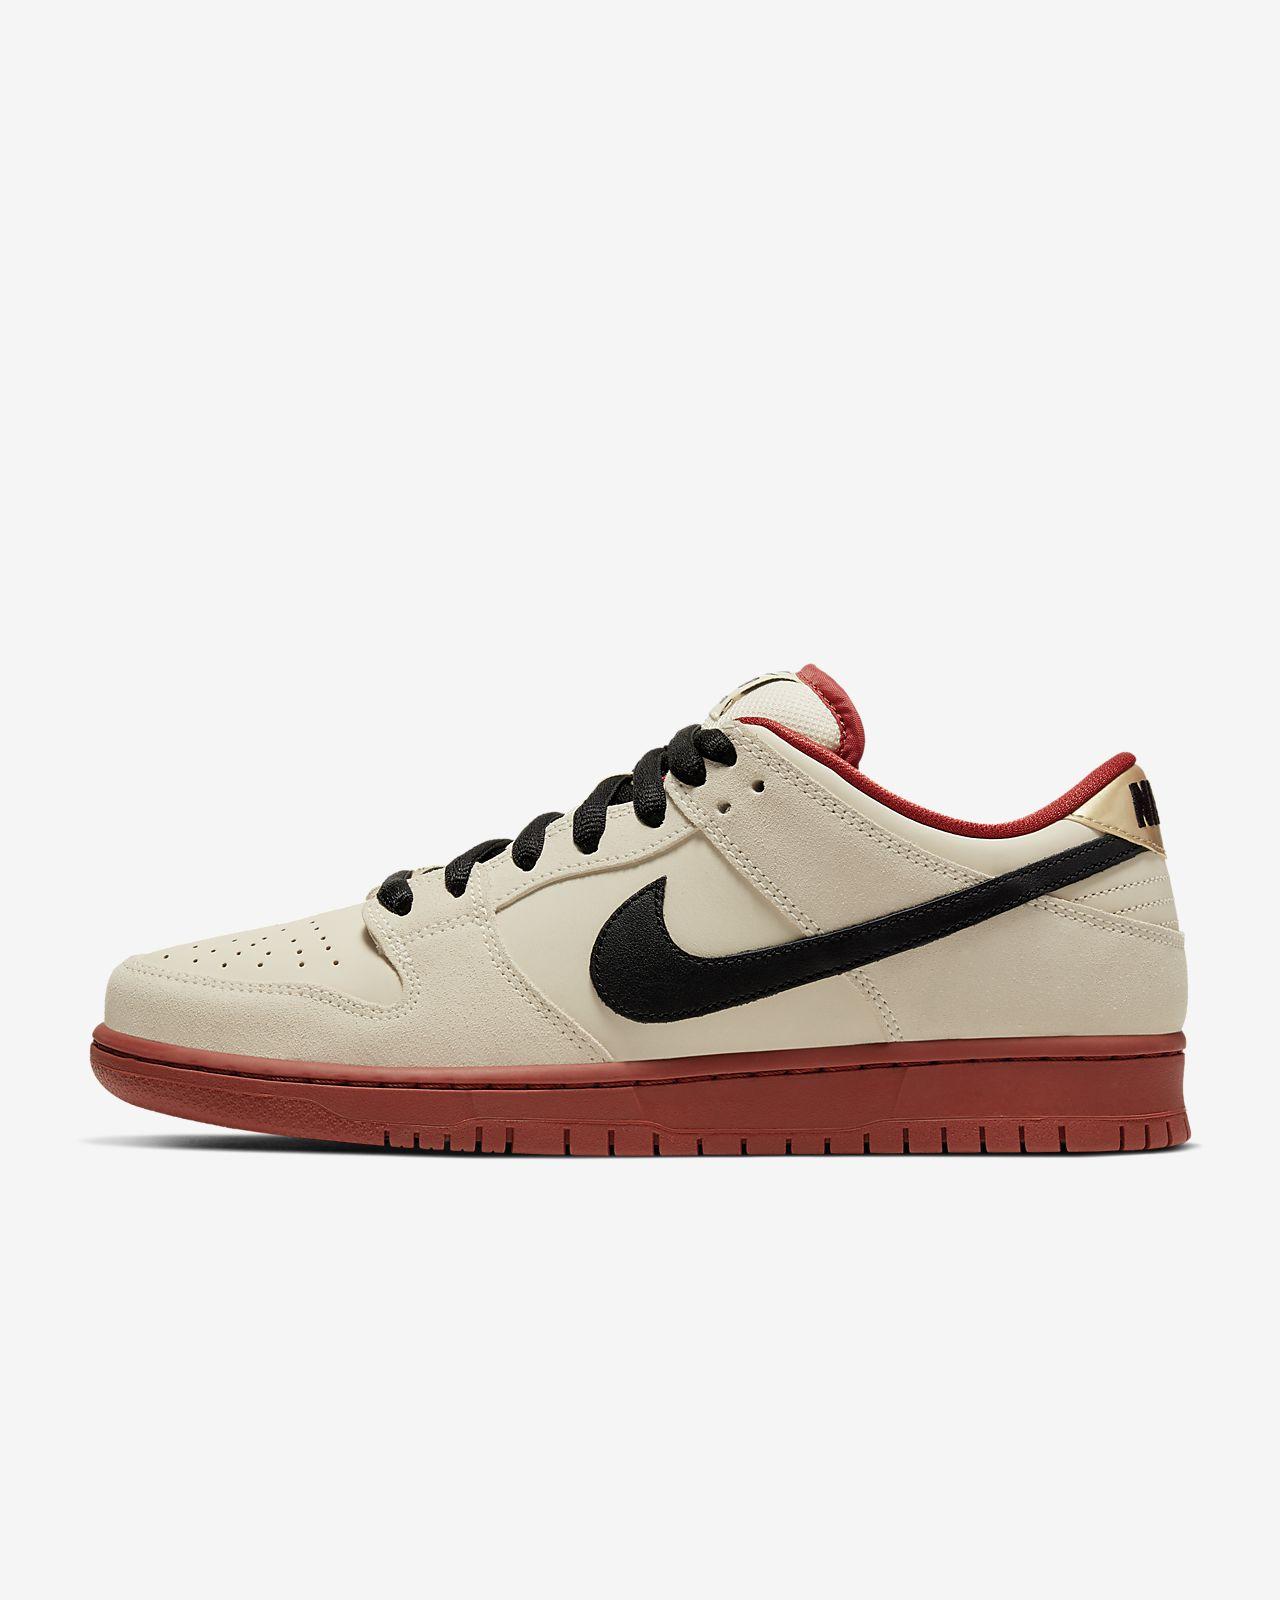 Nike Dunk High Skateboard Shoes $120 | Black nike sneakers